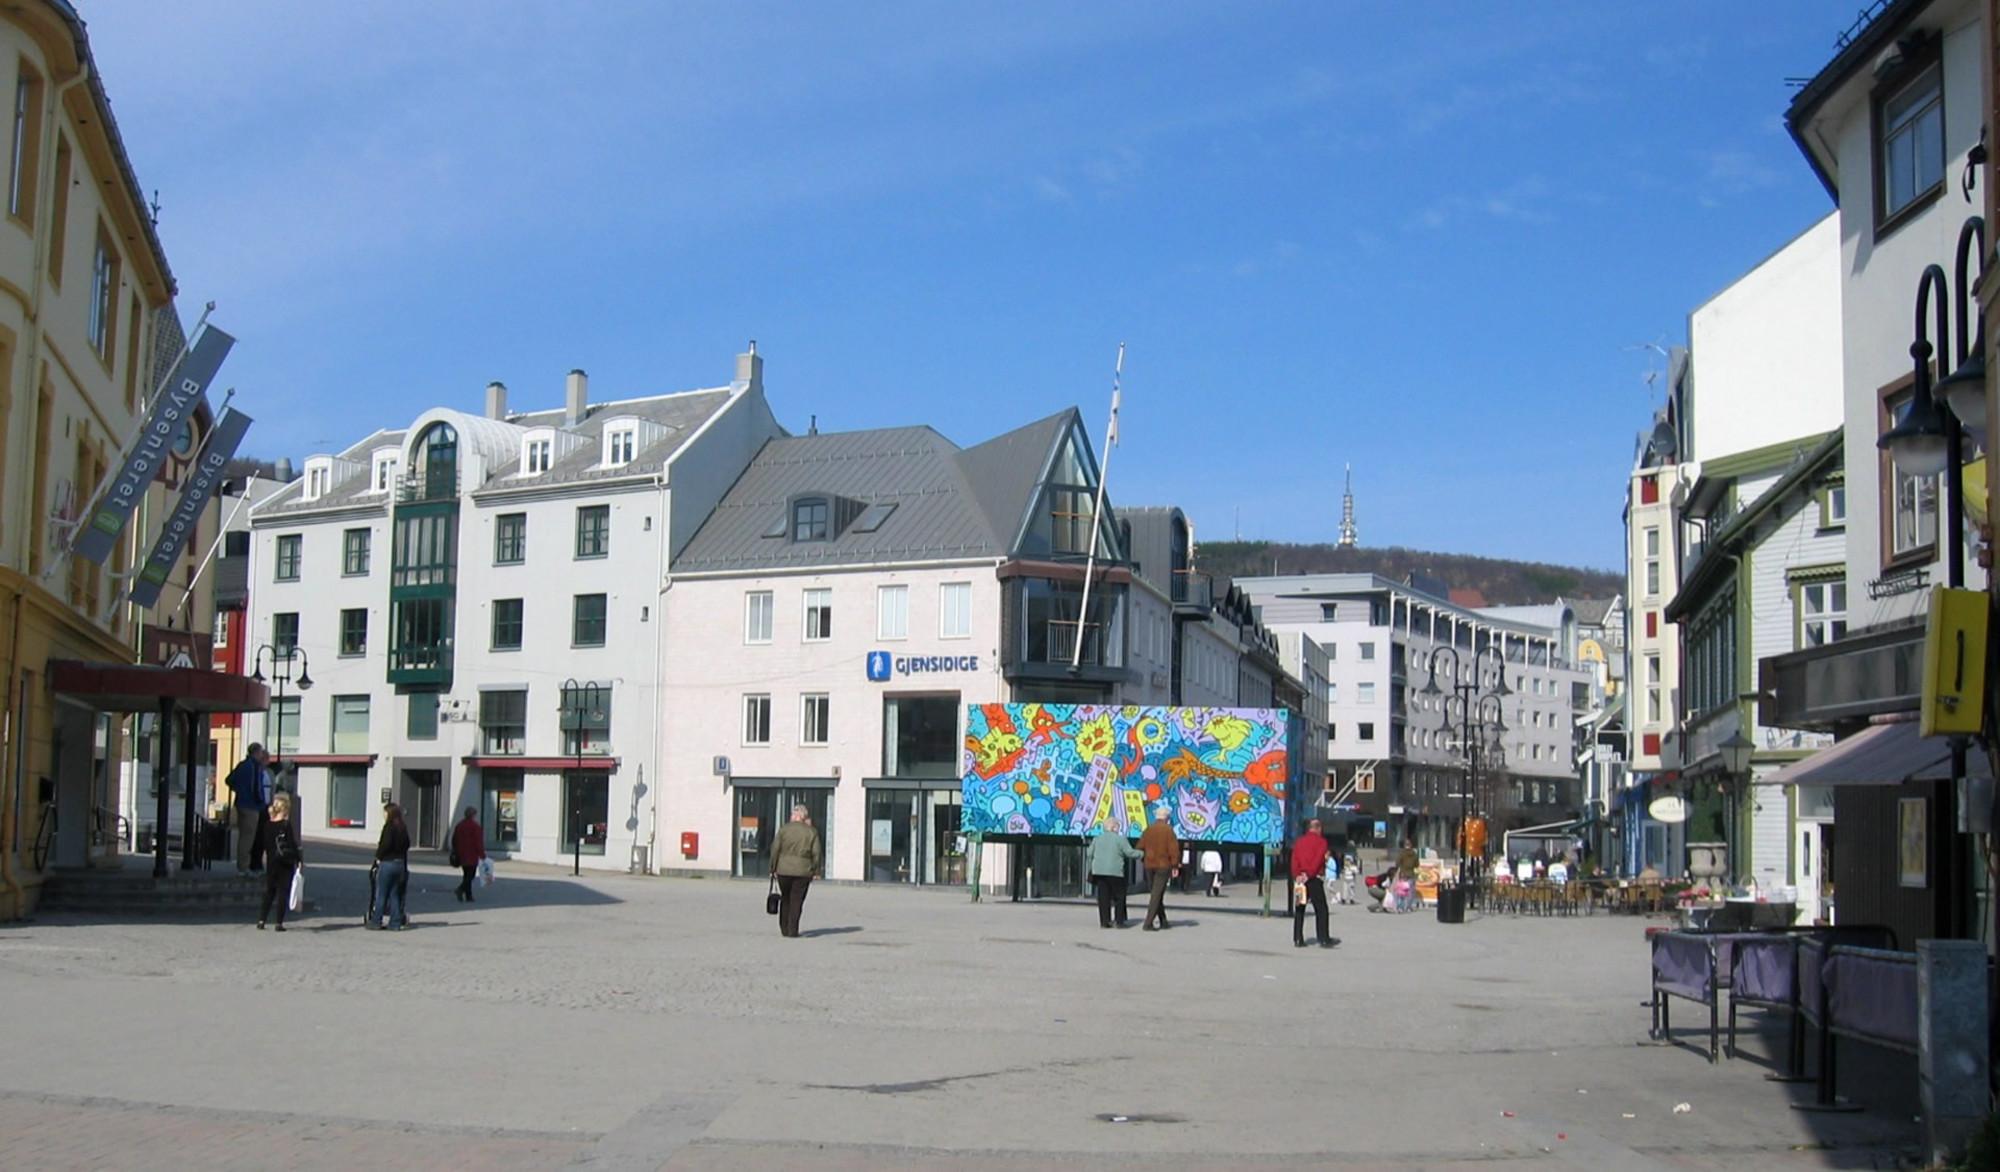 Du finner mange flinke hud og velvære salonger i Harstad-området.